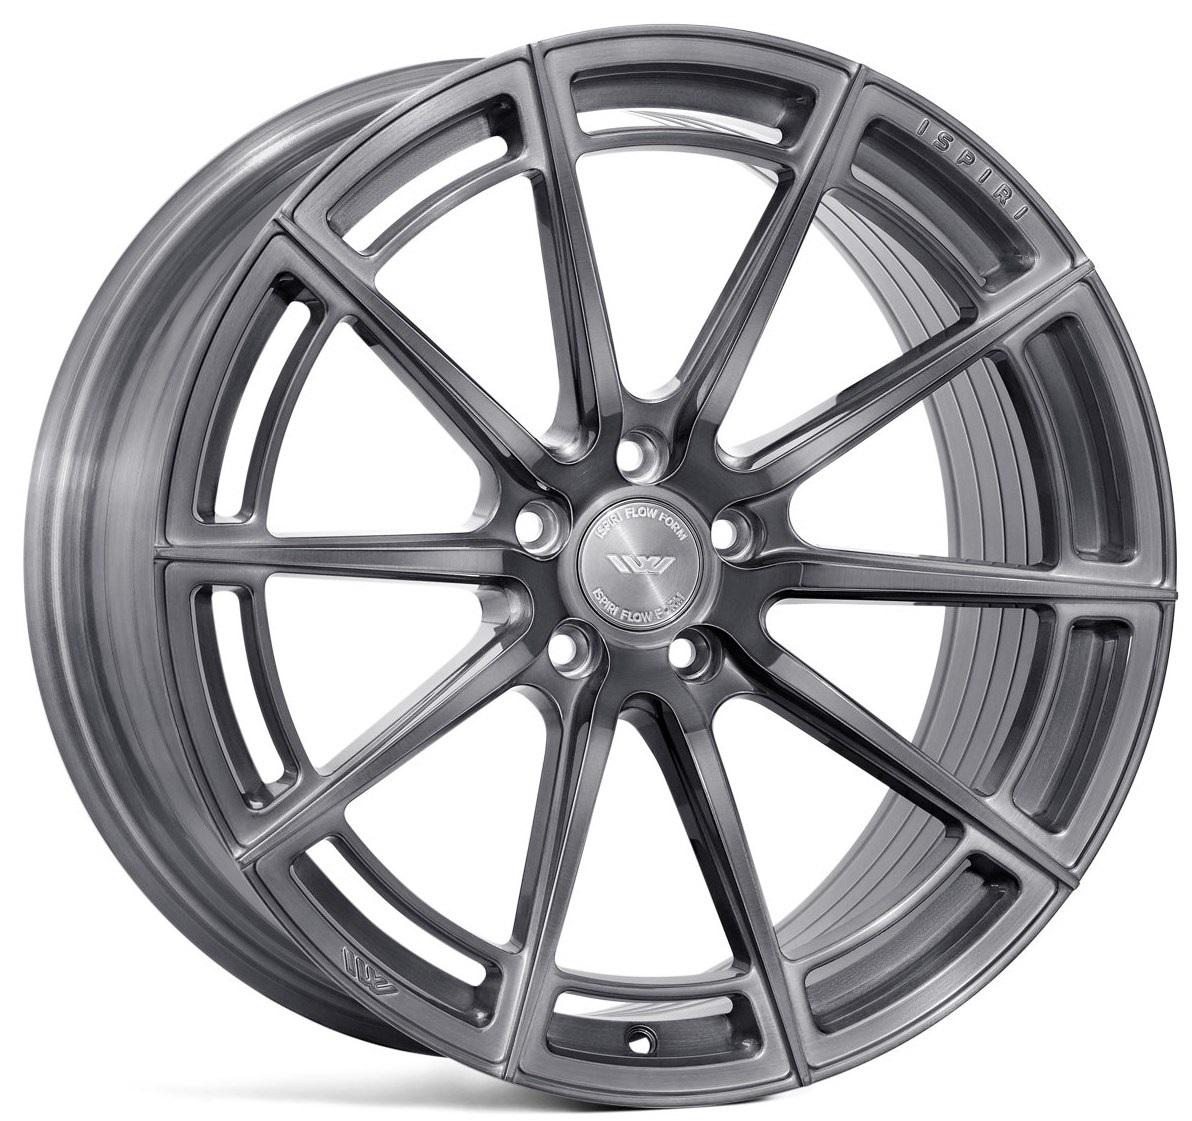 IW Automotive - FFR2 (Full Brushed Carbon Titanium)